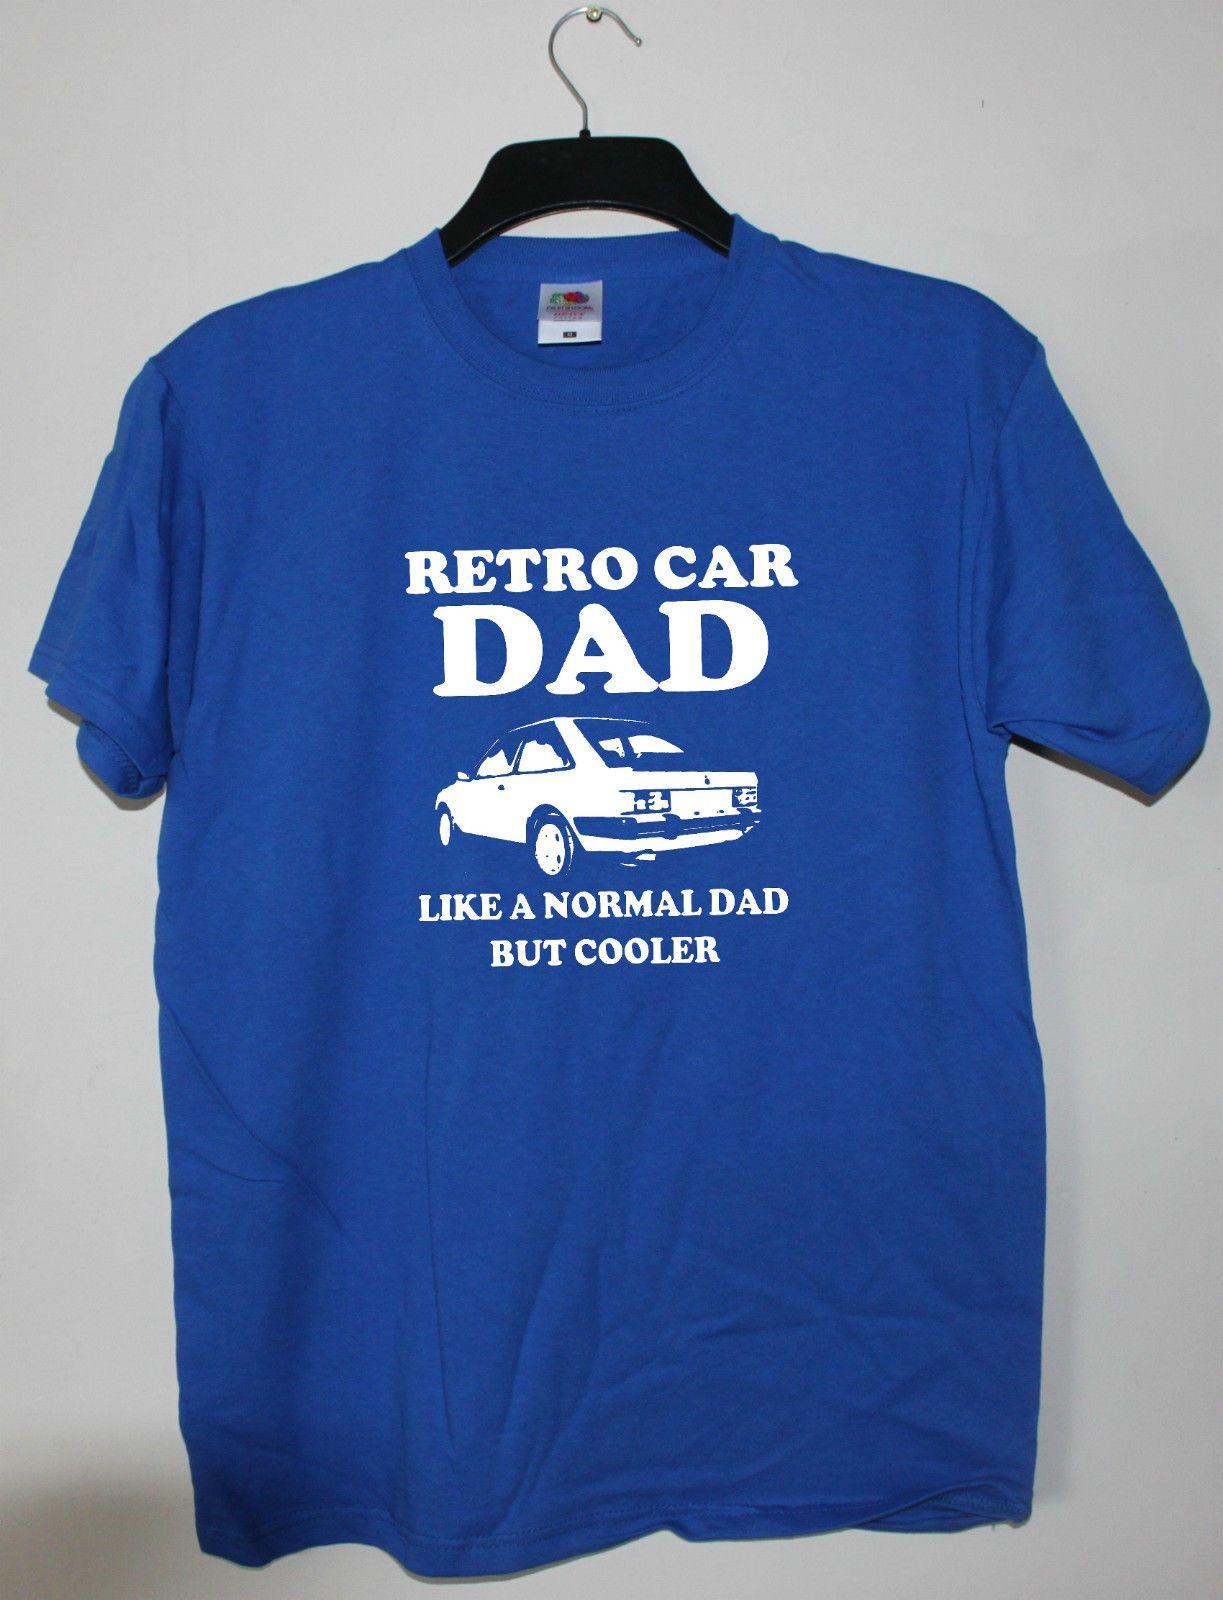 Forme la camiseta Marca American Car Escort Mk3 Camiseta divertida del humor de regalo Papá retro Elección de coches de colores de la camiseta